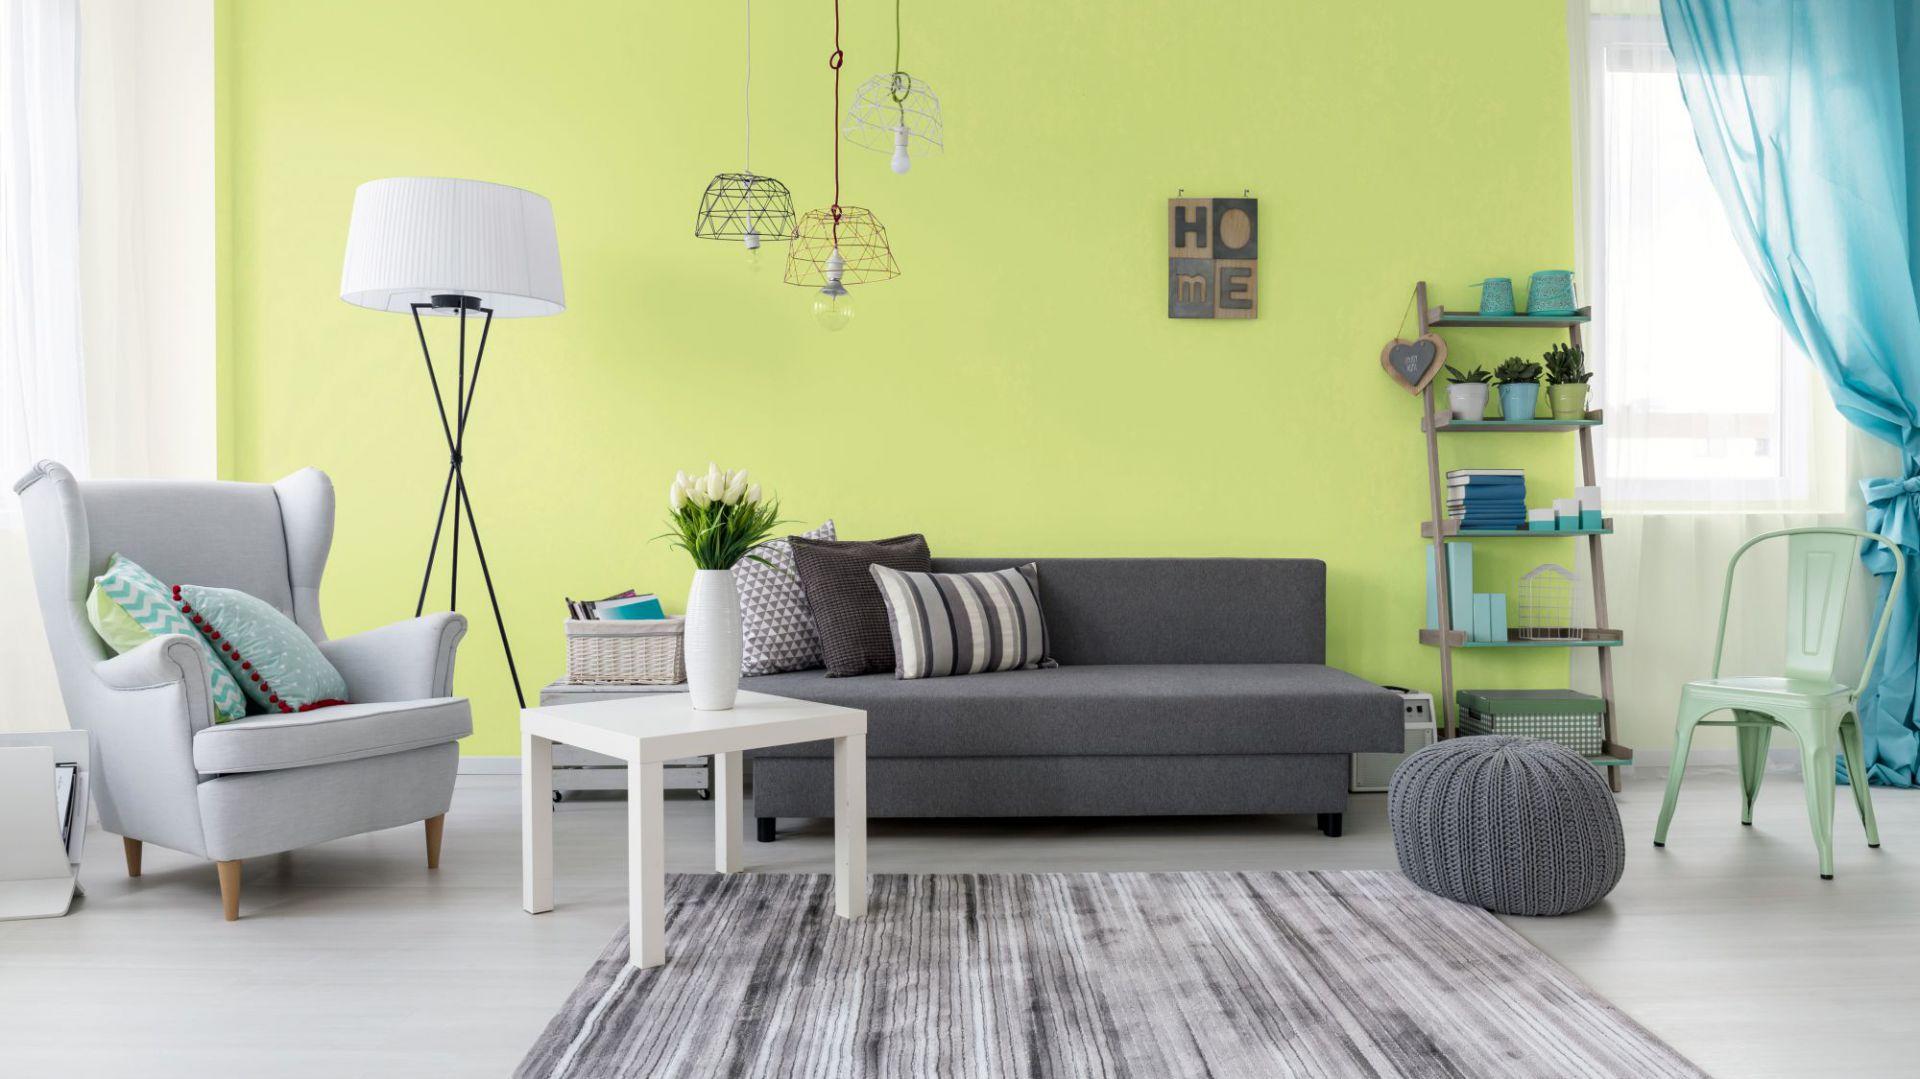 Malujemy mieszkanie: wiosenne aranżacje wnętrza. Fot. Jedynka